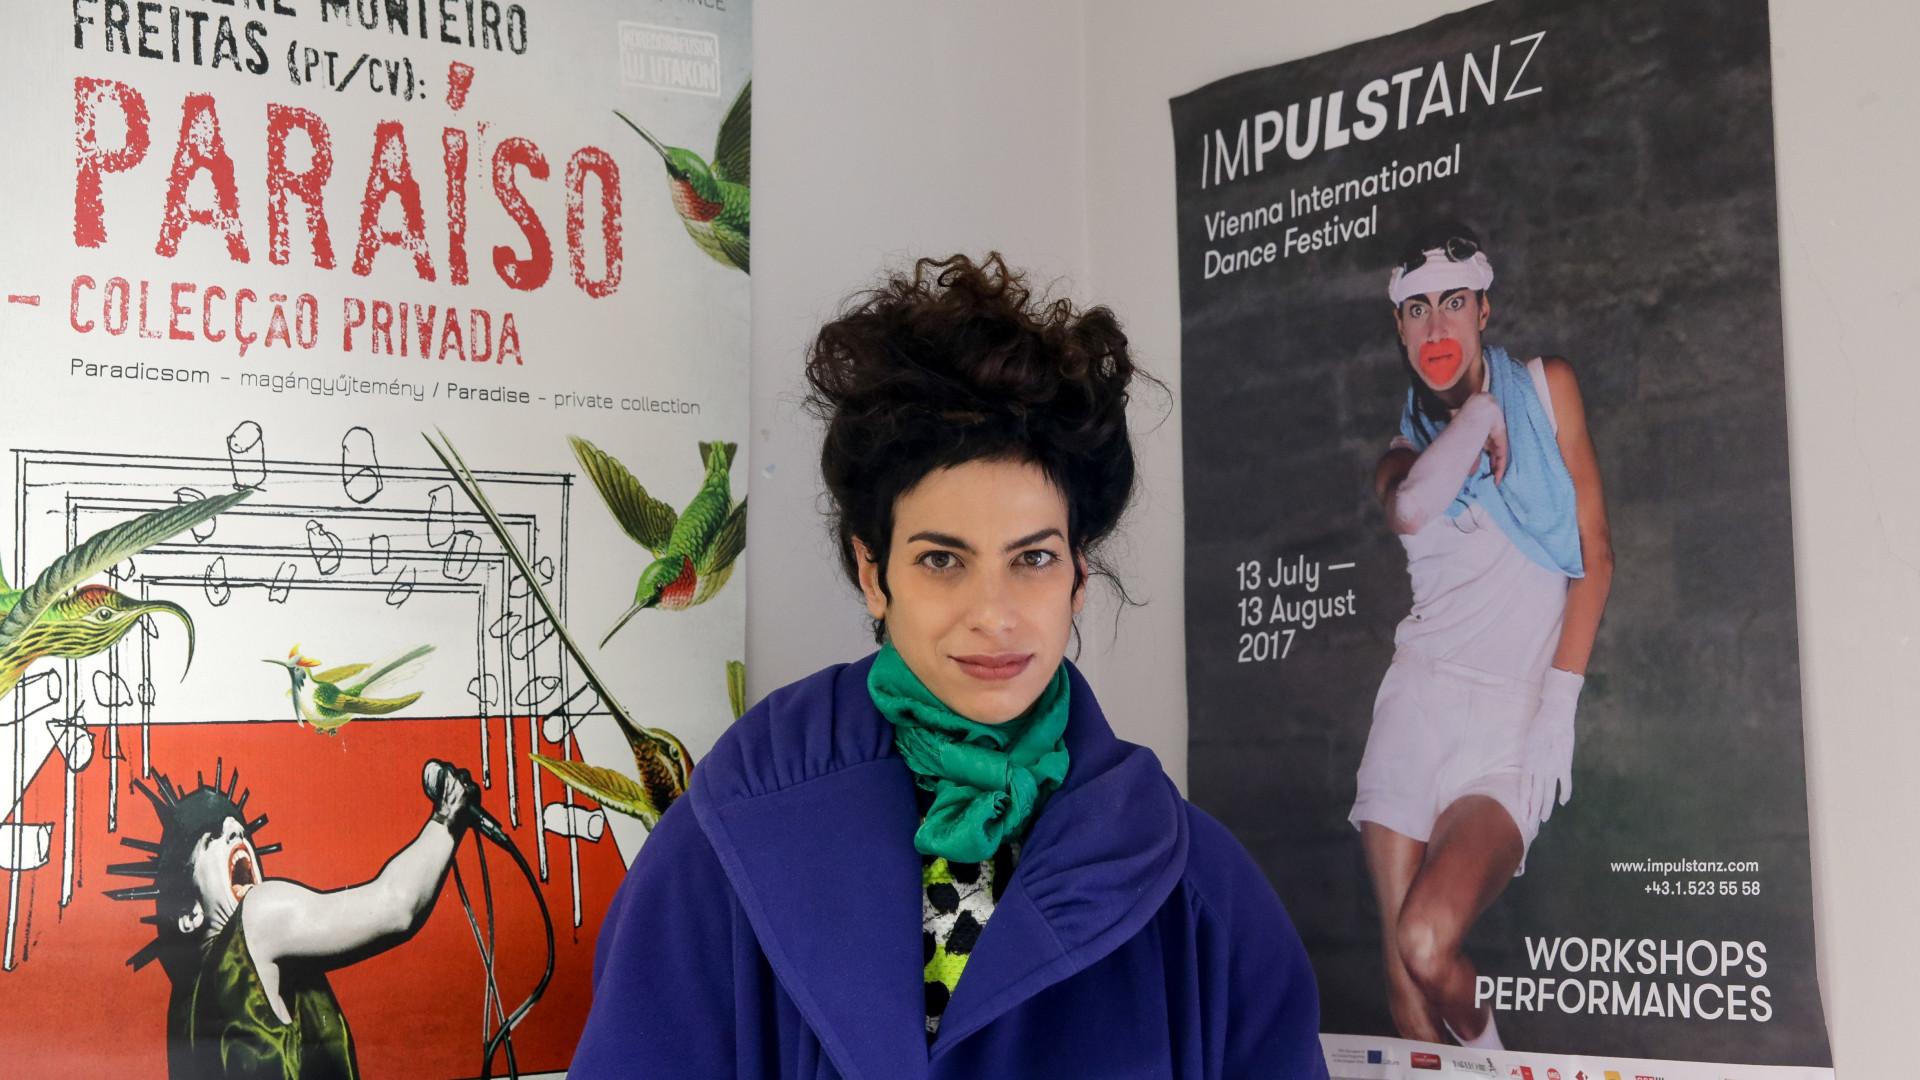 Marlene Monteiro Freitas usa transgressão para criar metamorfoses